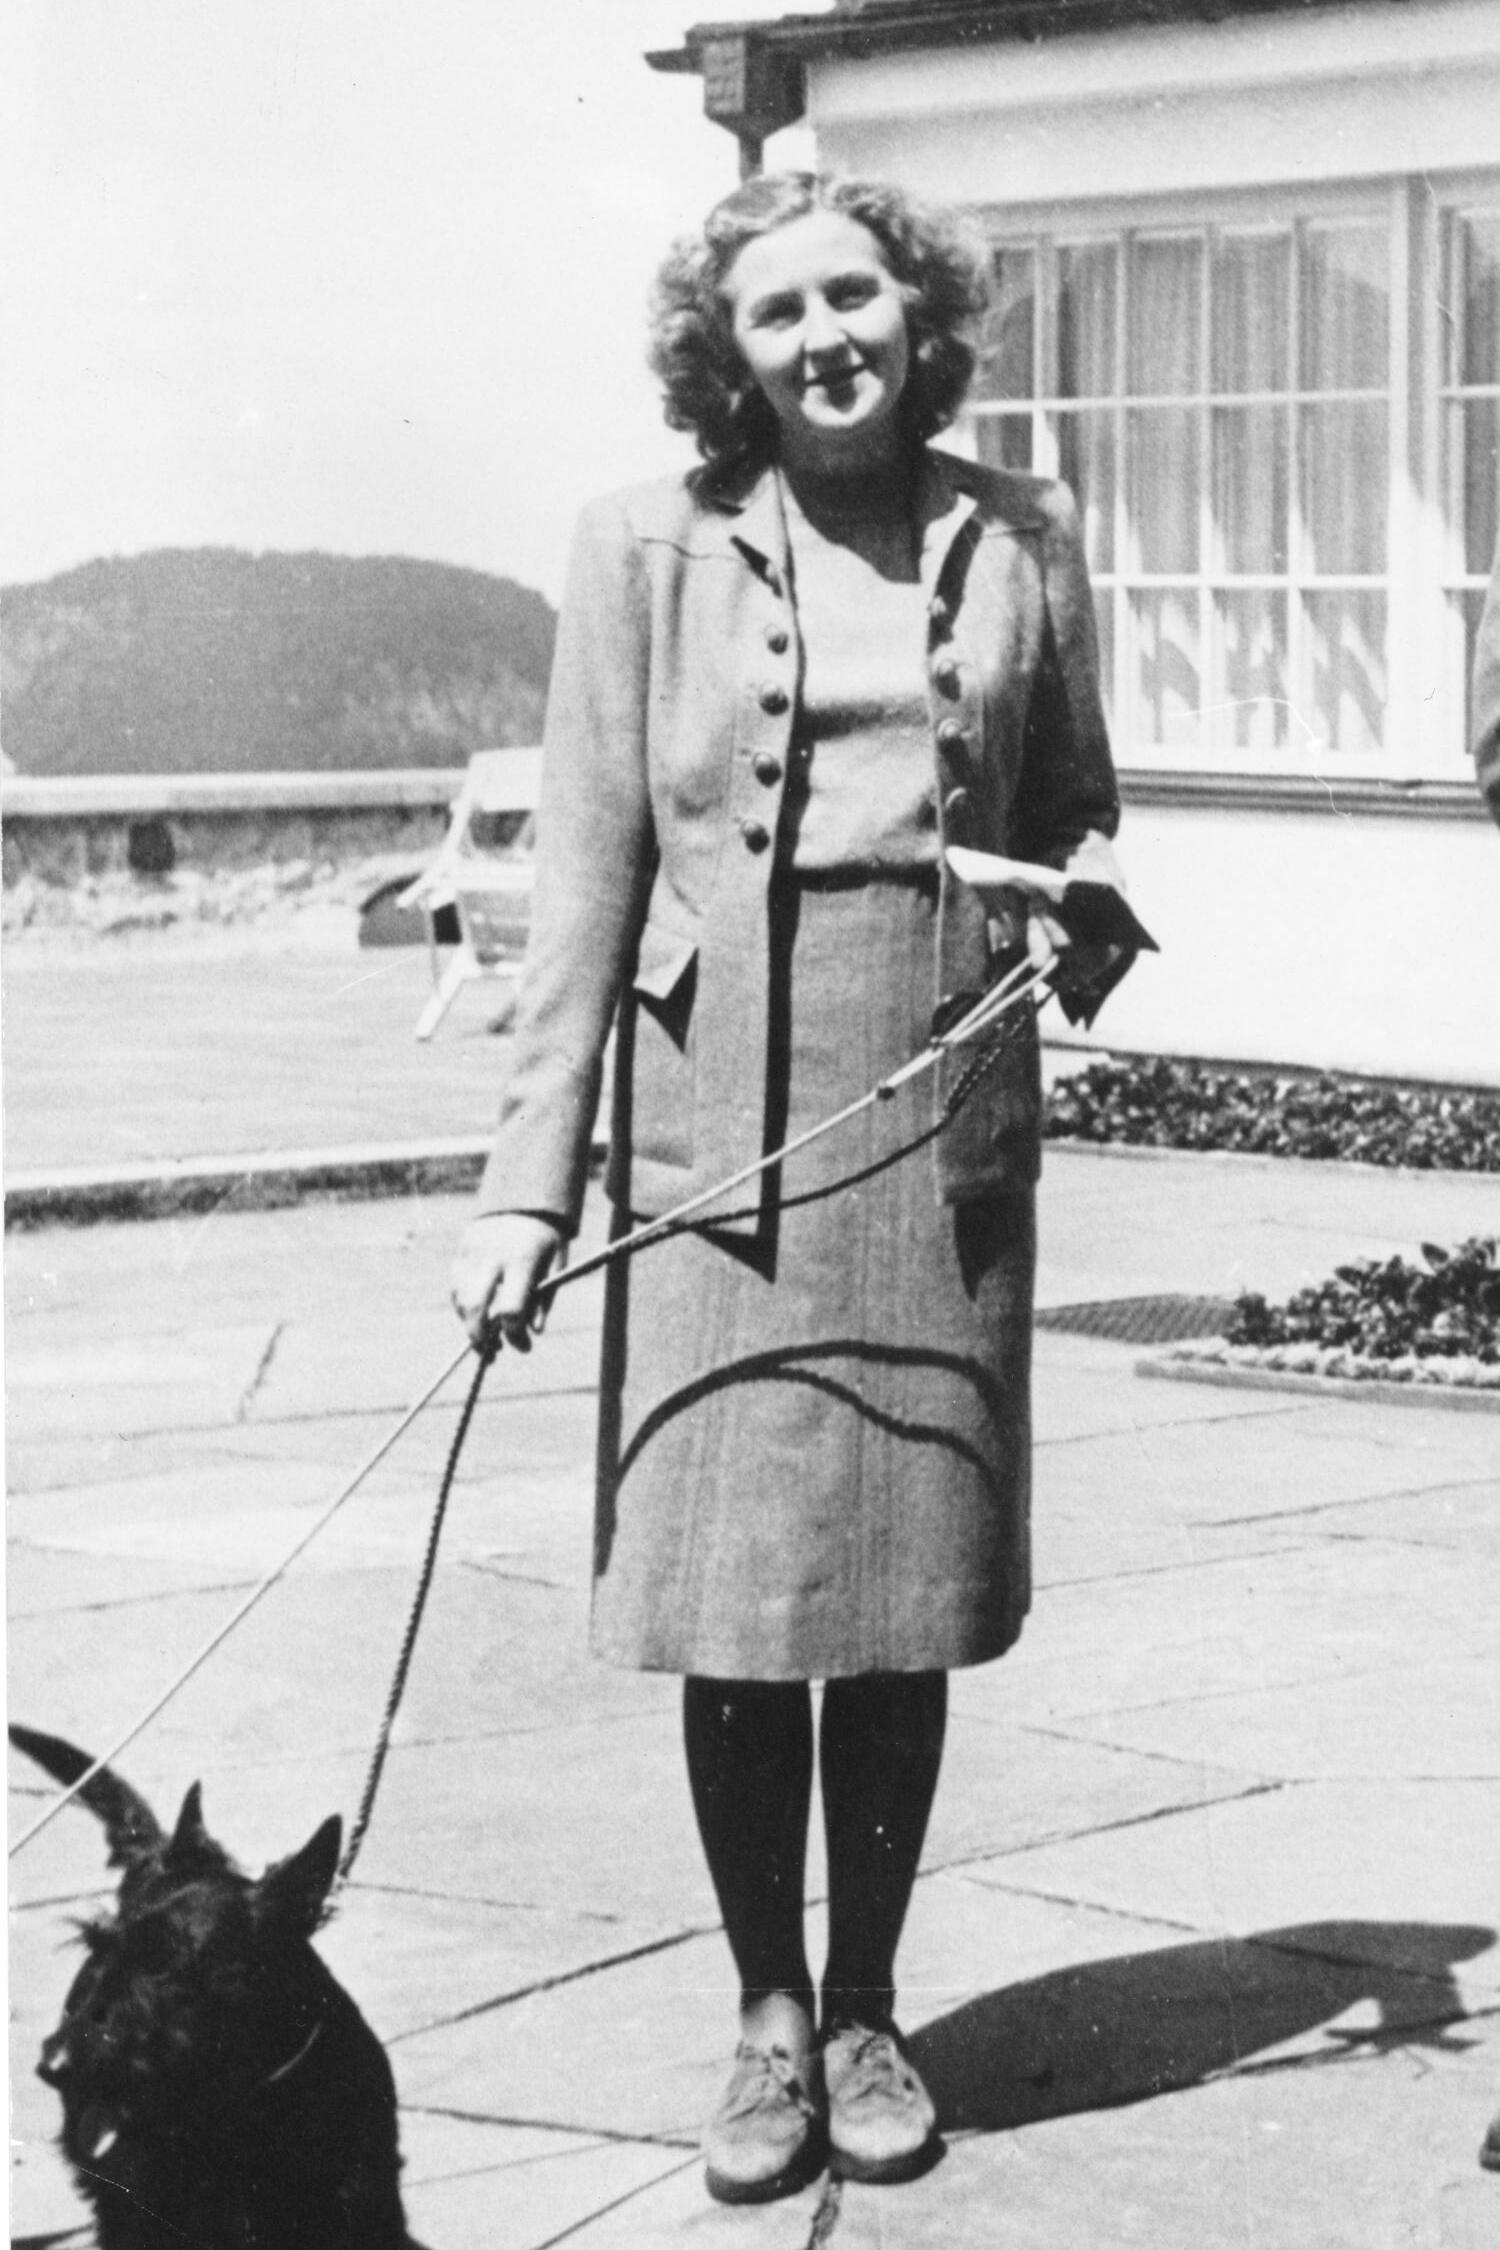 File:Eva Braun walking dog.jpg